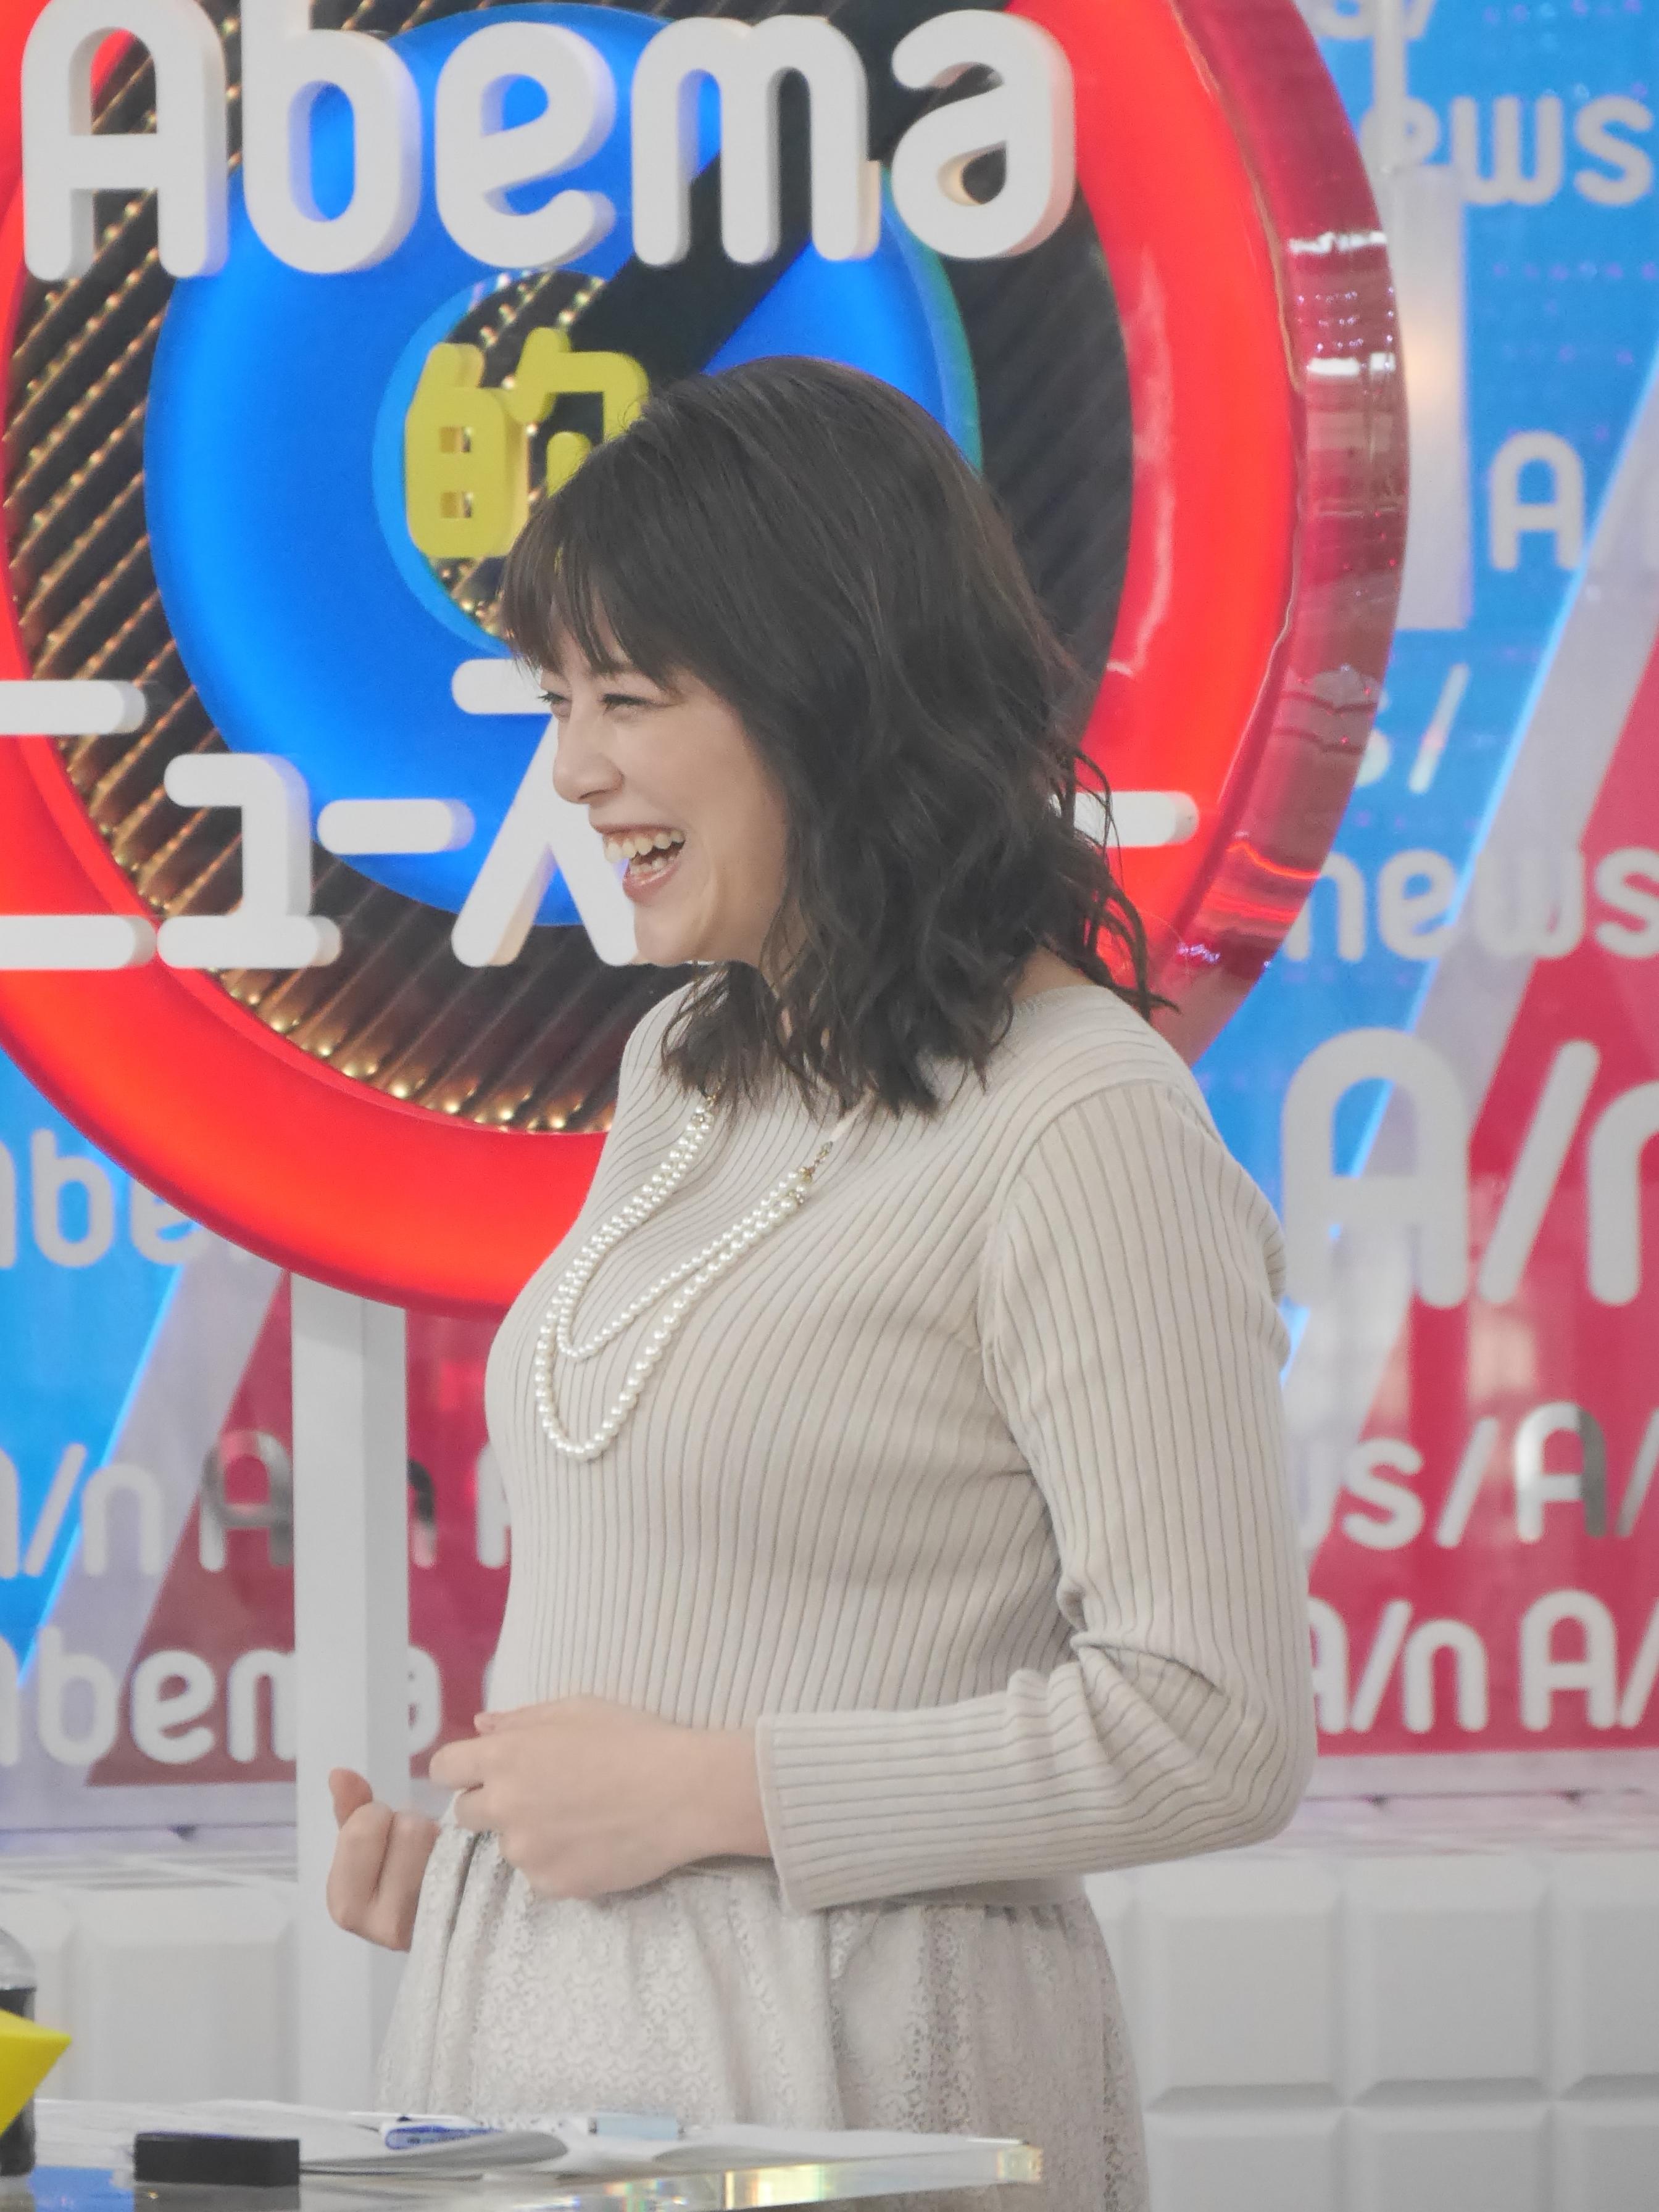 テレビ朝日女性アナウンサー・三谷紬さんのテレビキャプチャー画像-142